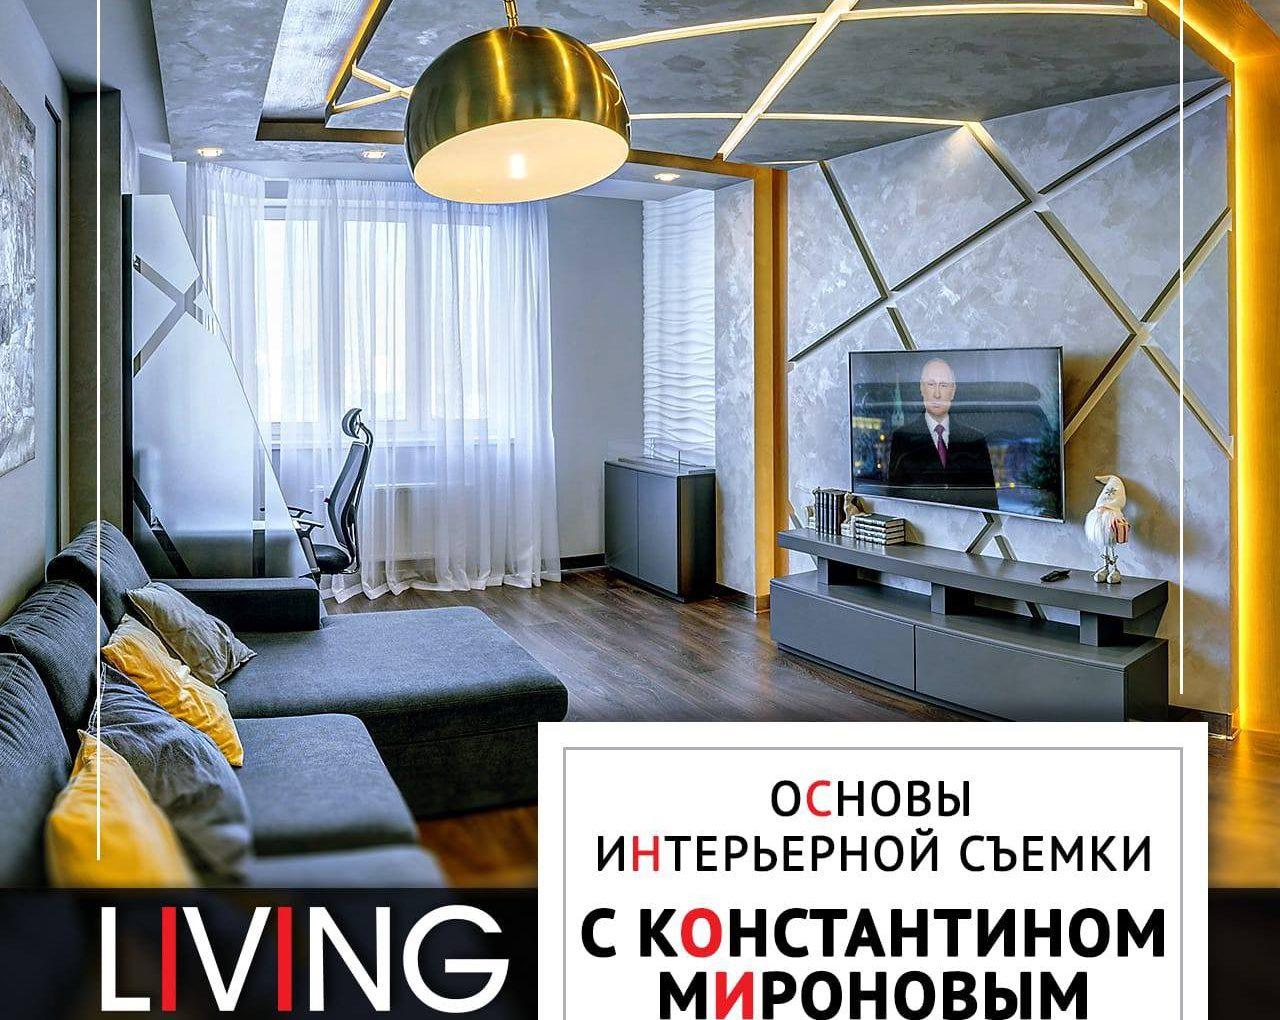 Основы интерьерной съёмки с Константином Мироновым